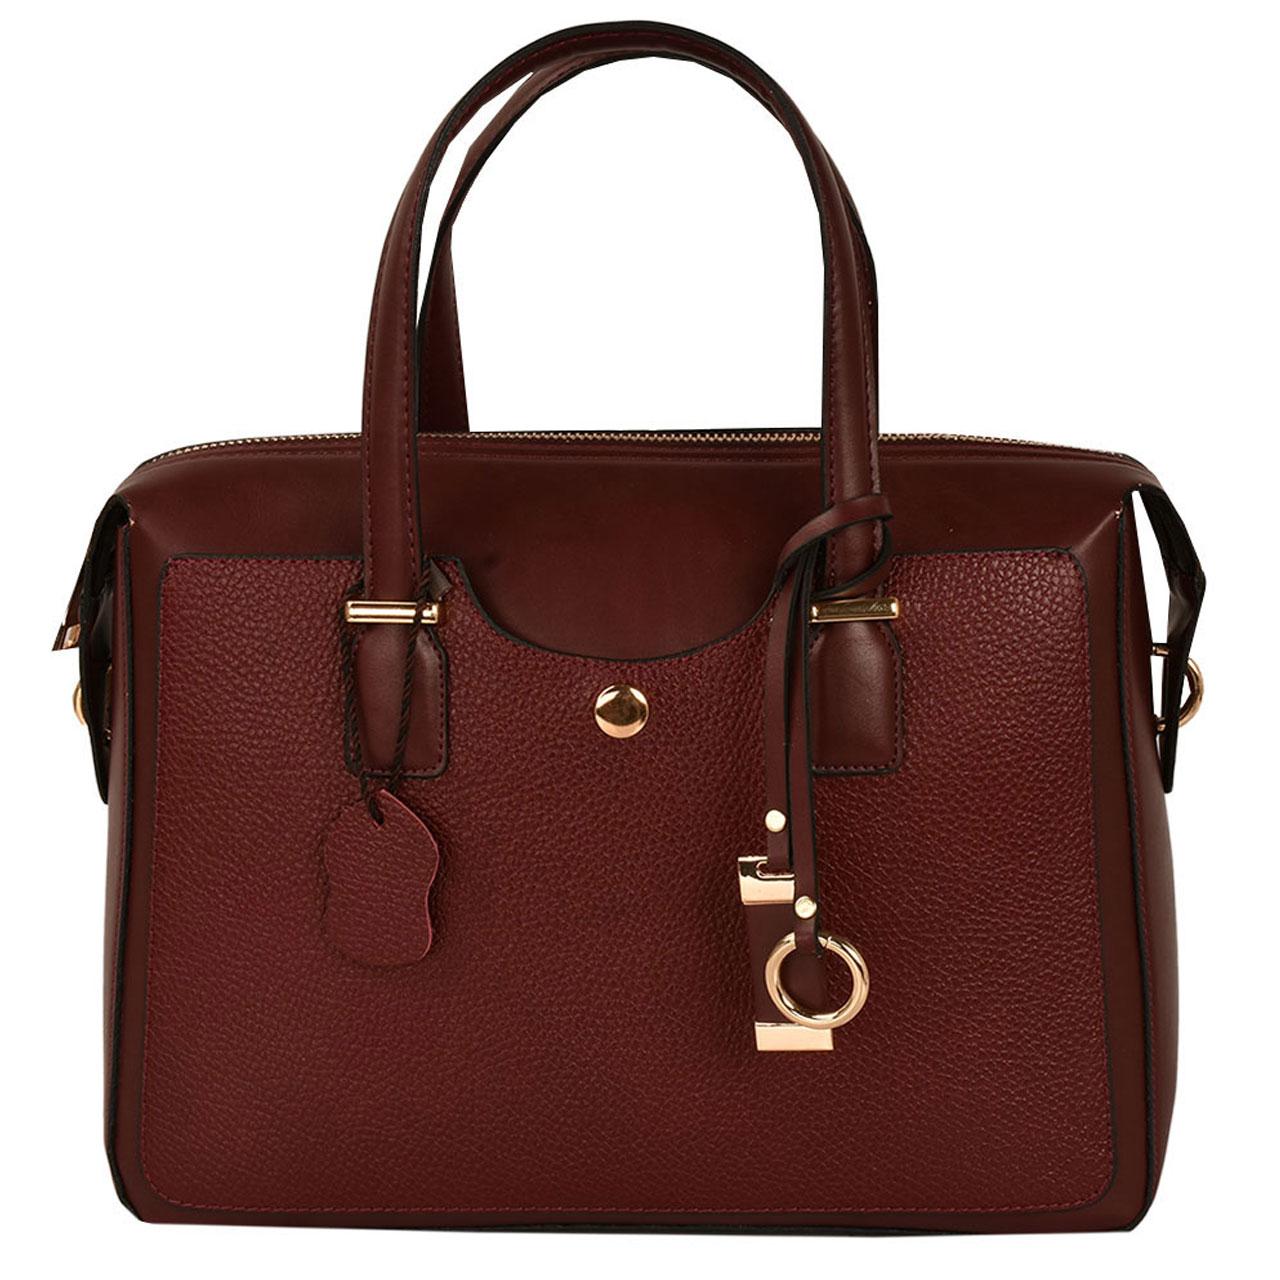 کیف دستی زنانه پارینه مدل PLV105-12